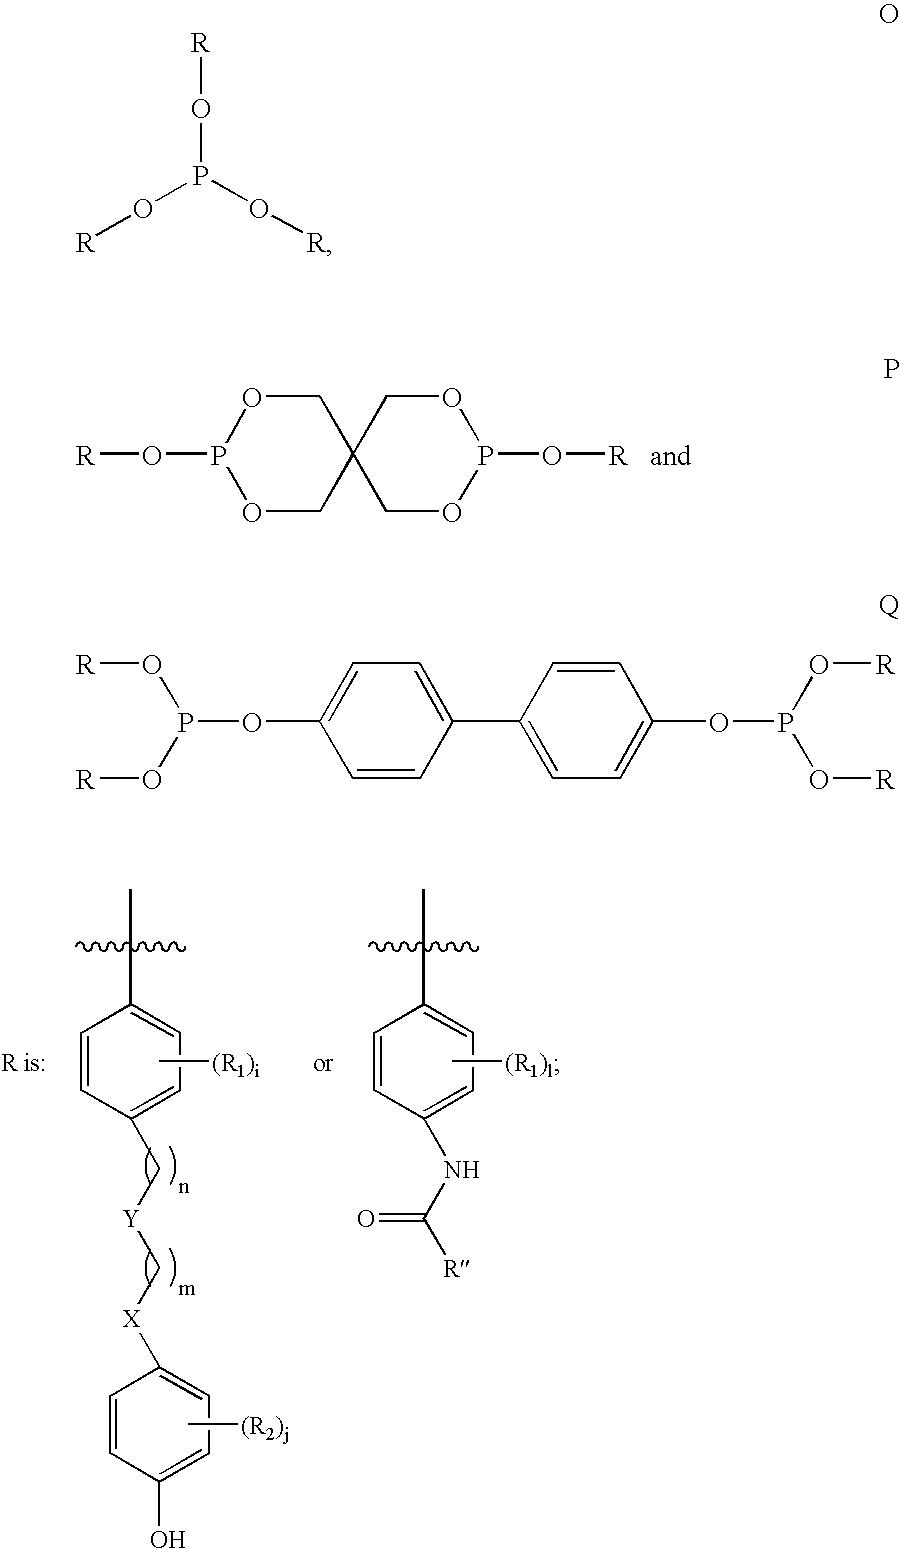 Figure US20080293856A1-20081127-C00102